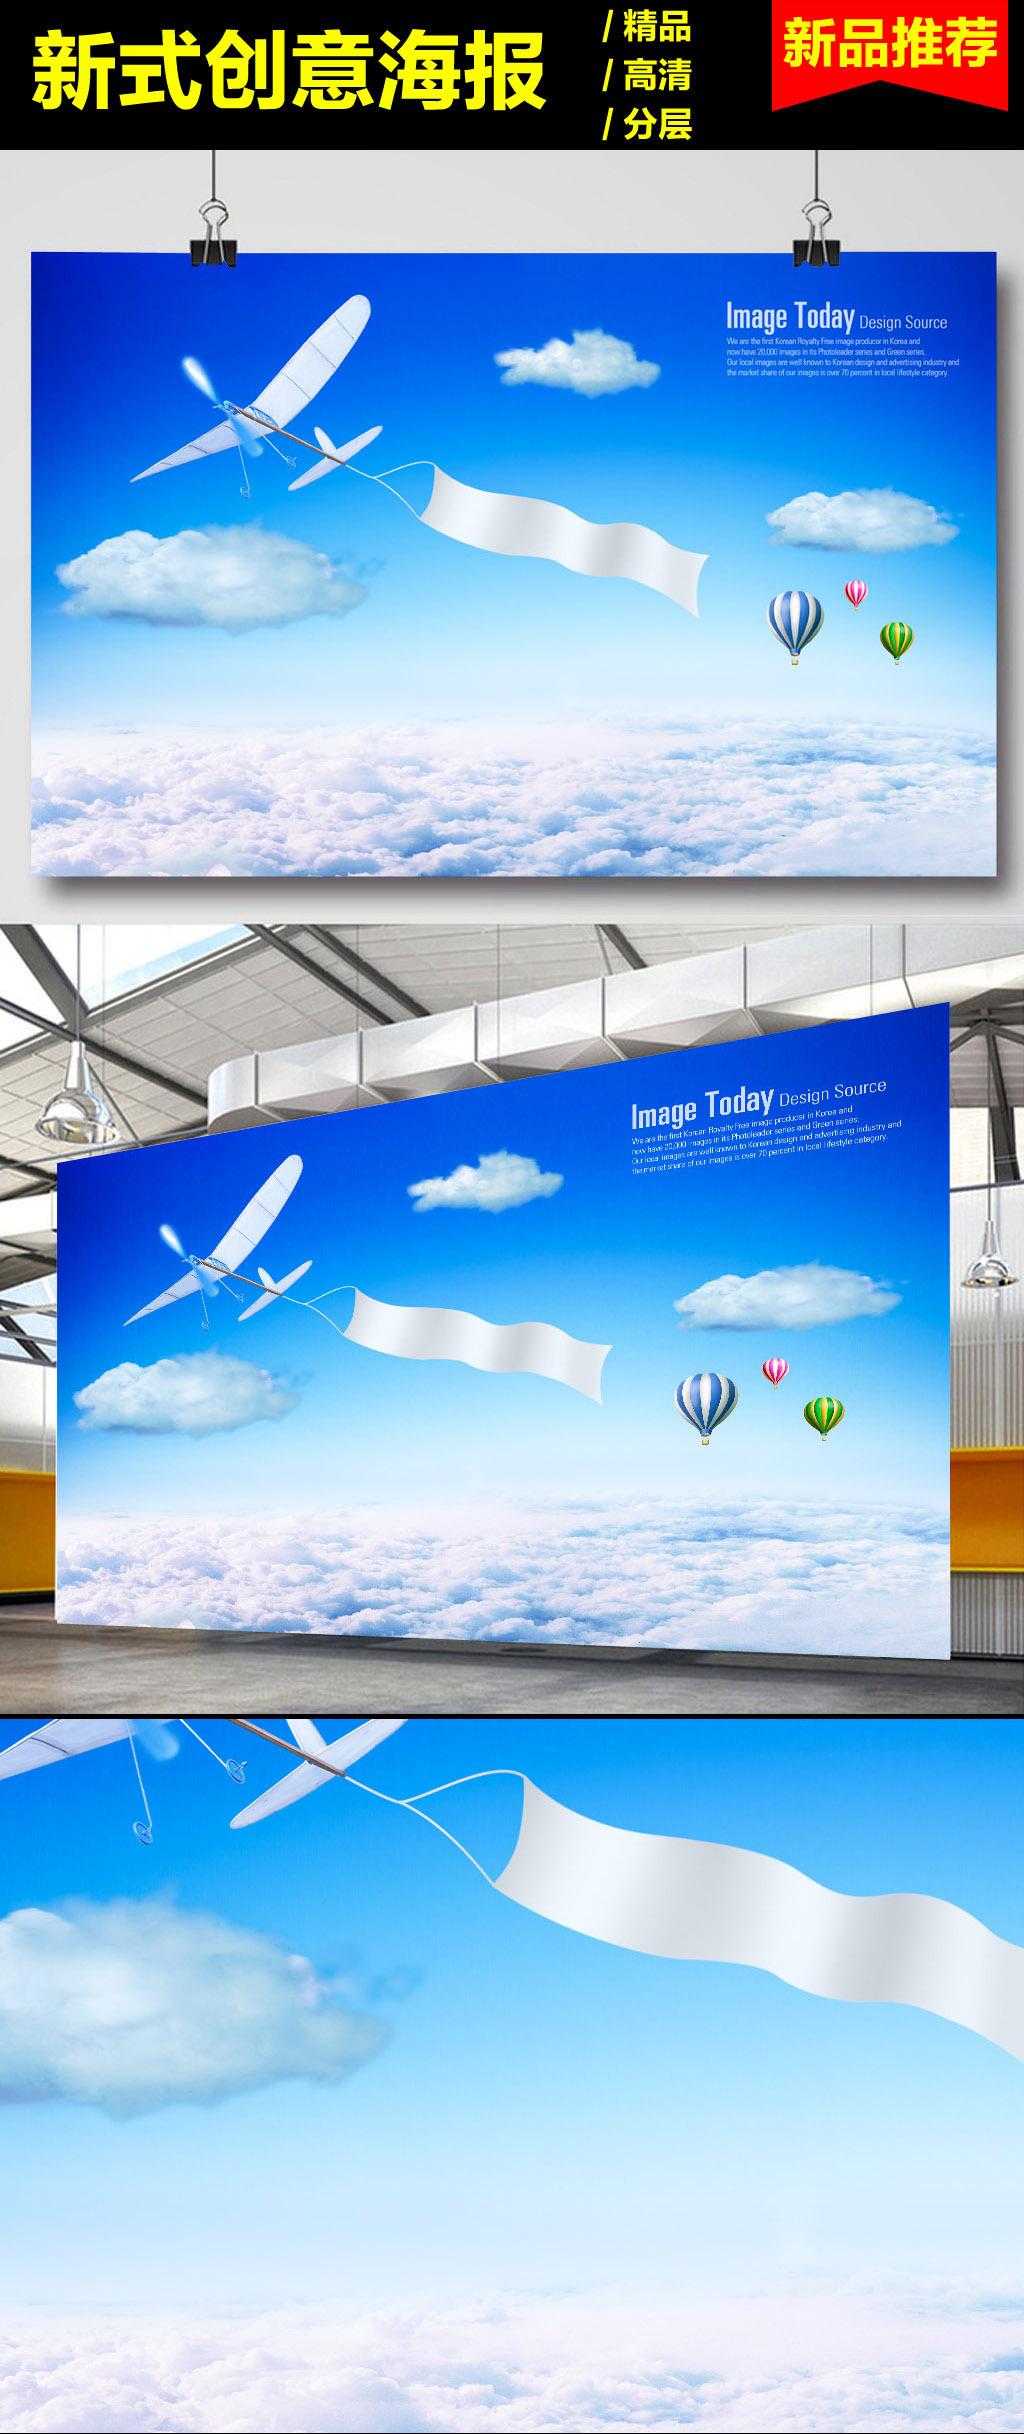 49时尚飞机彩带海报模板创意下载蓝.